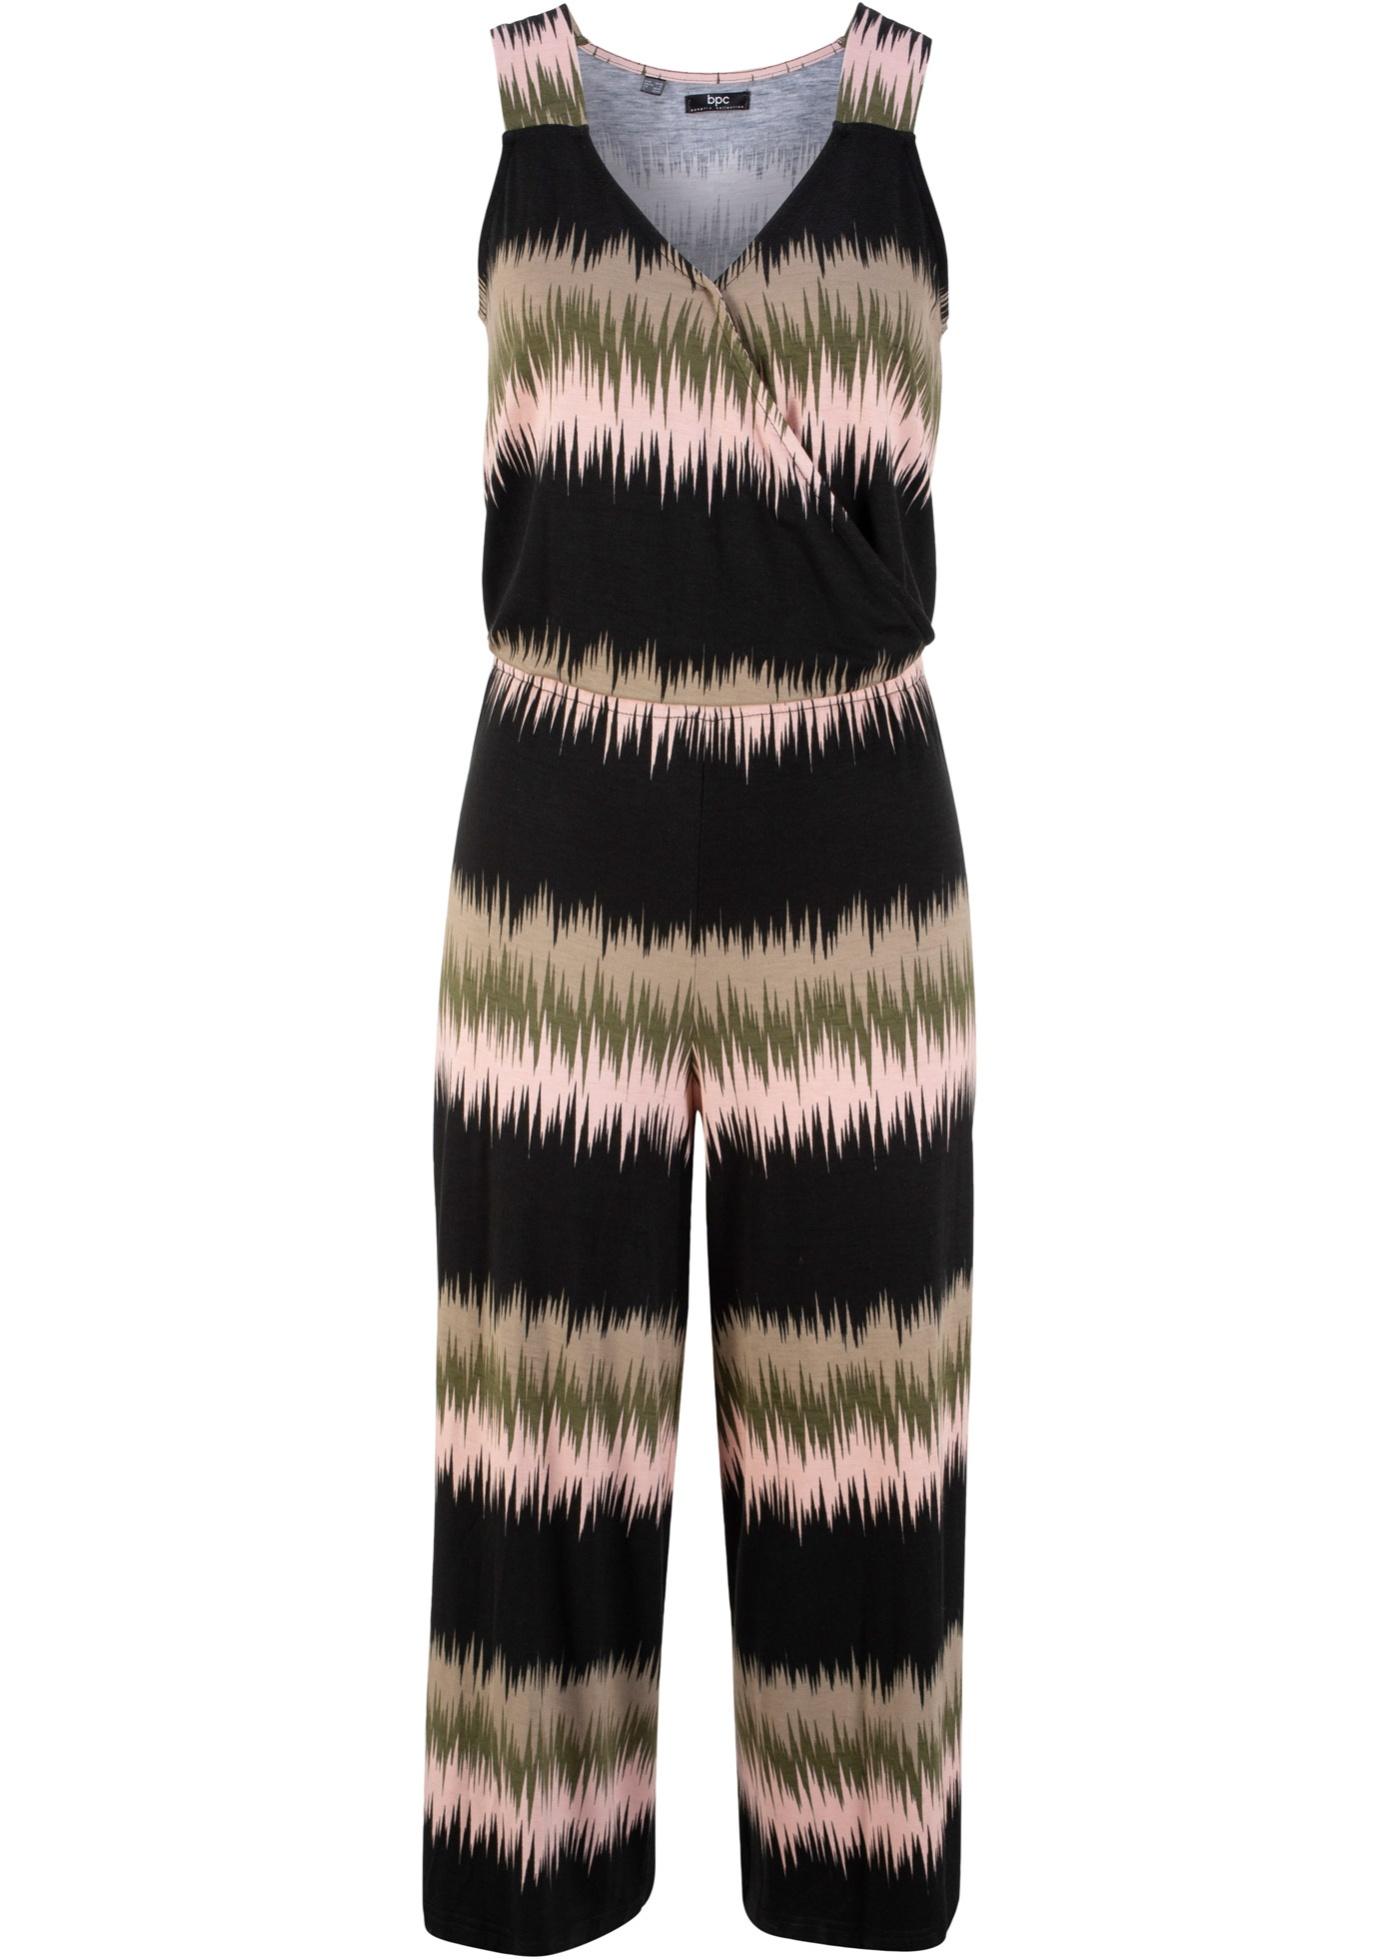 Femme Pantalon Sans Bonprix CollectionCombi Manches Pour Bpc Noir 0PkwOn